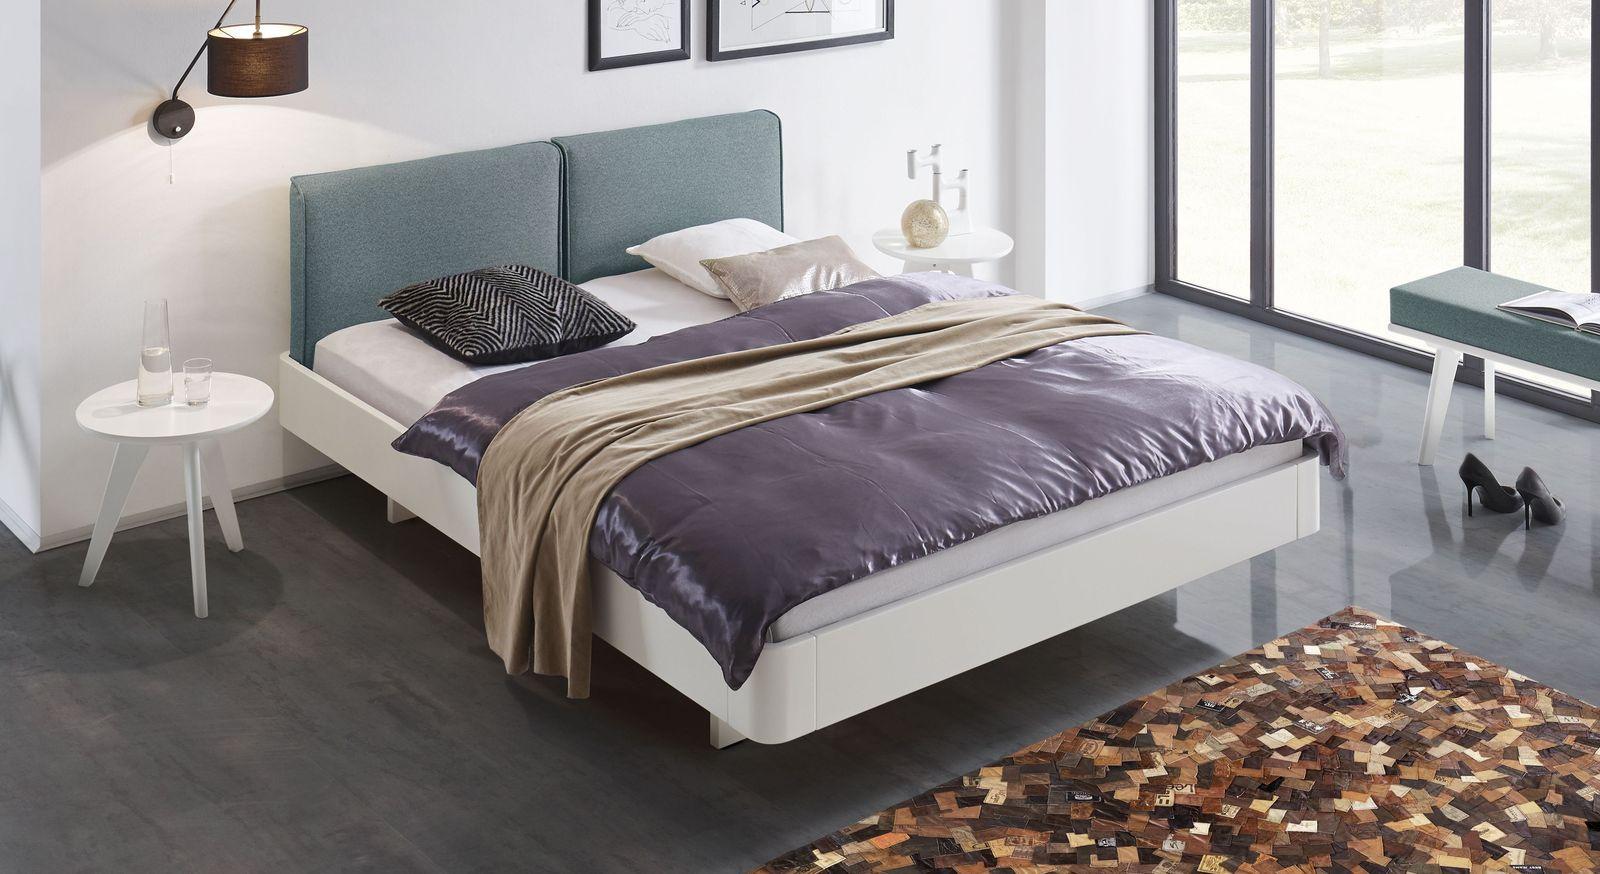 Bett Iraklia in Weiß mit blaugrauem Polsterkopfteil